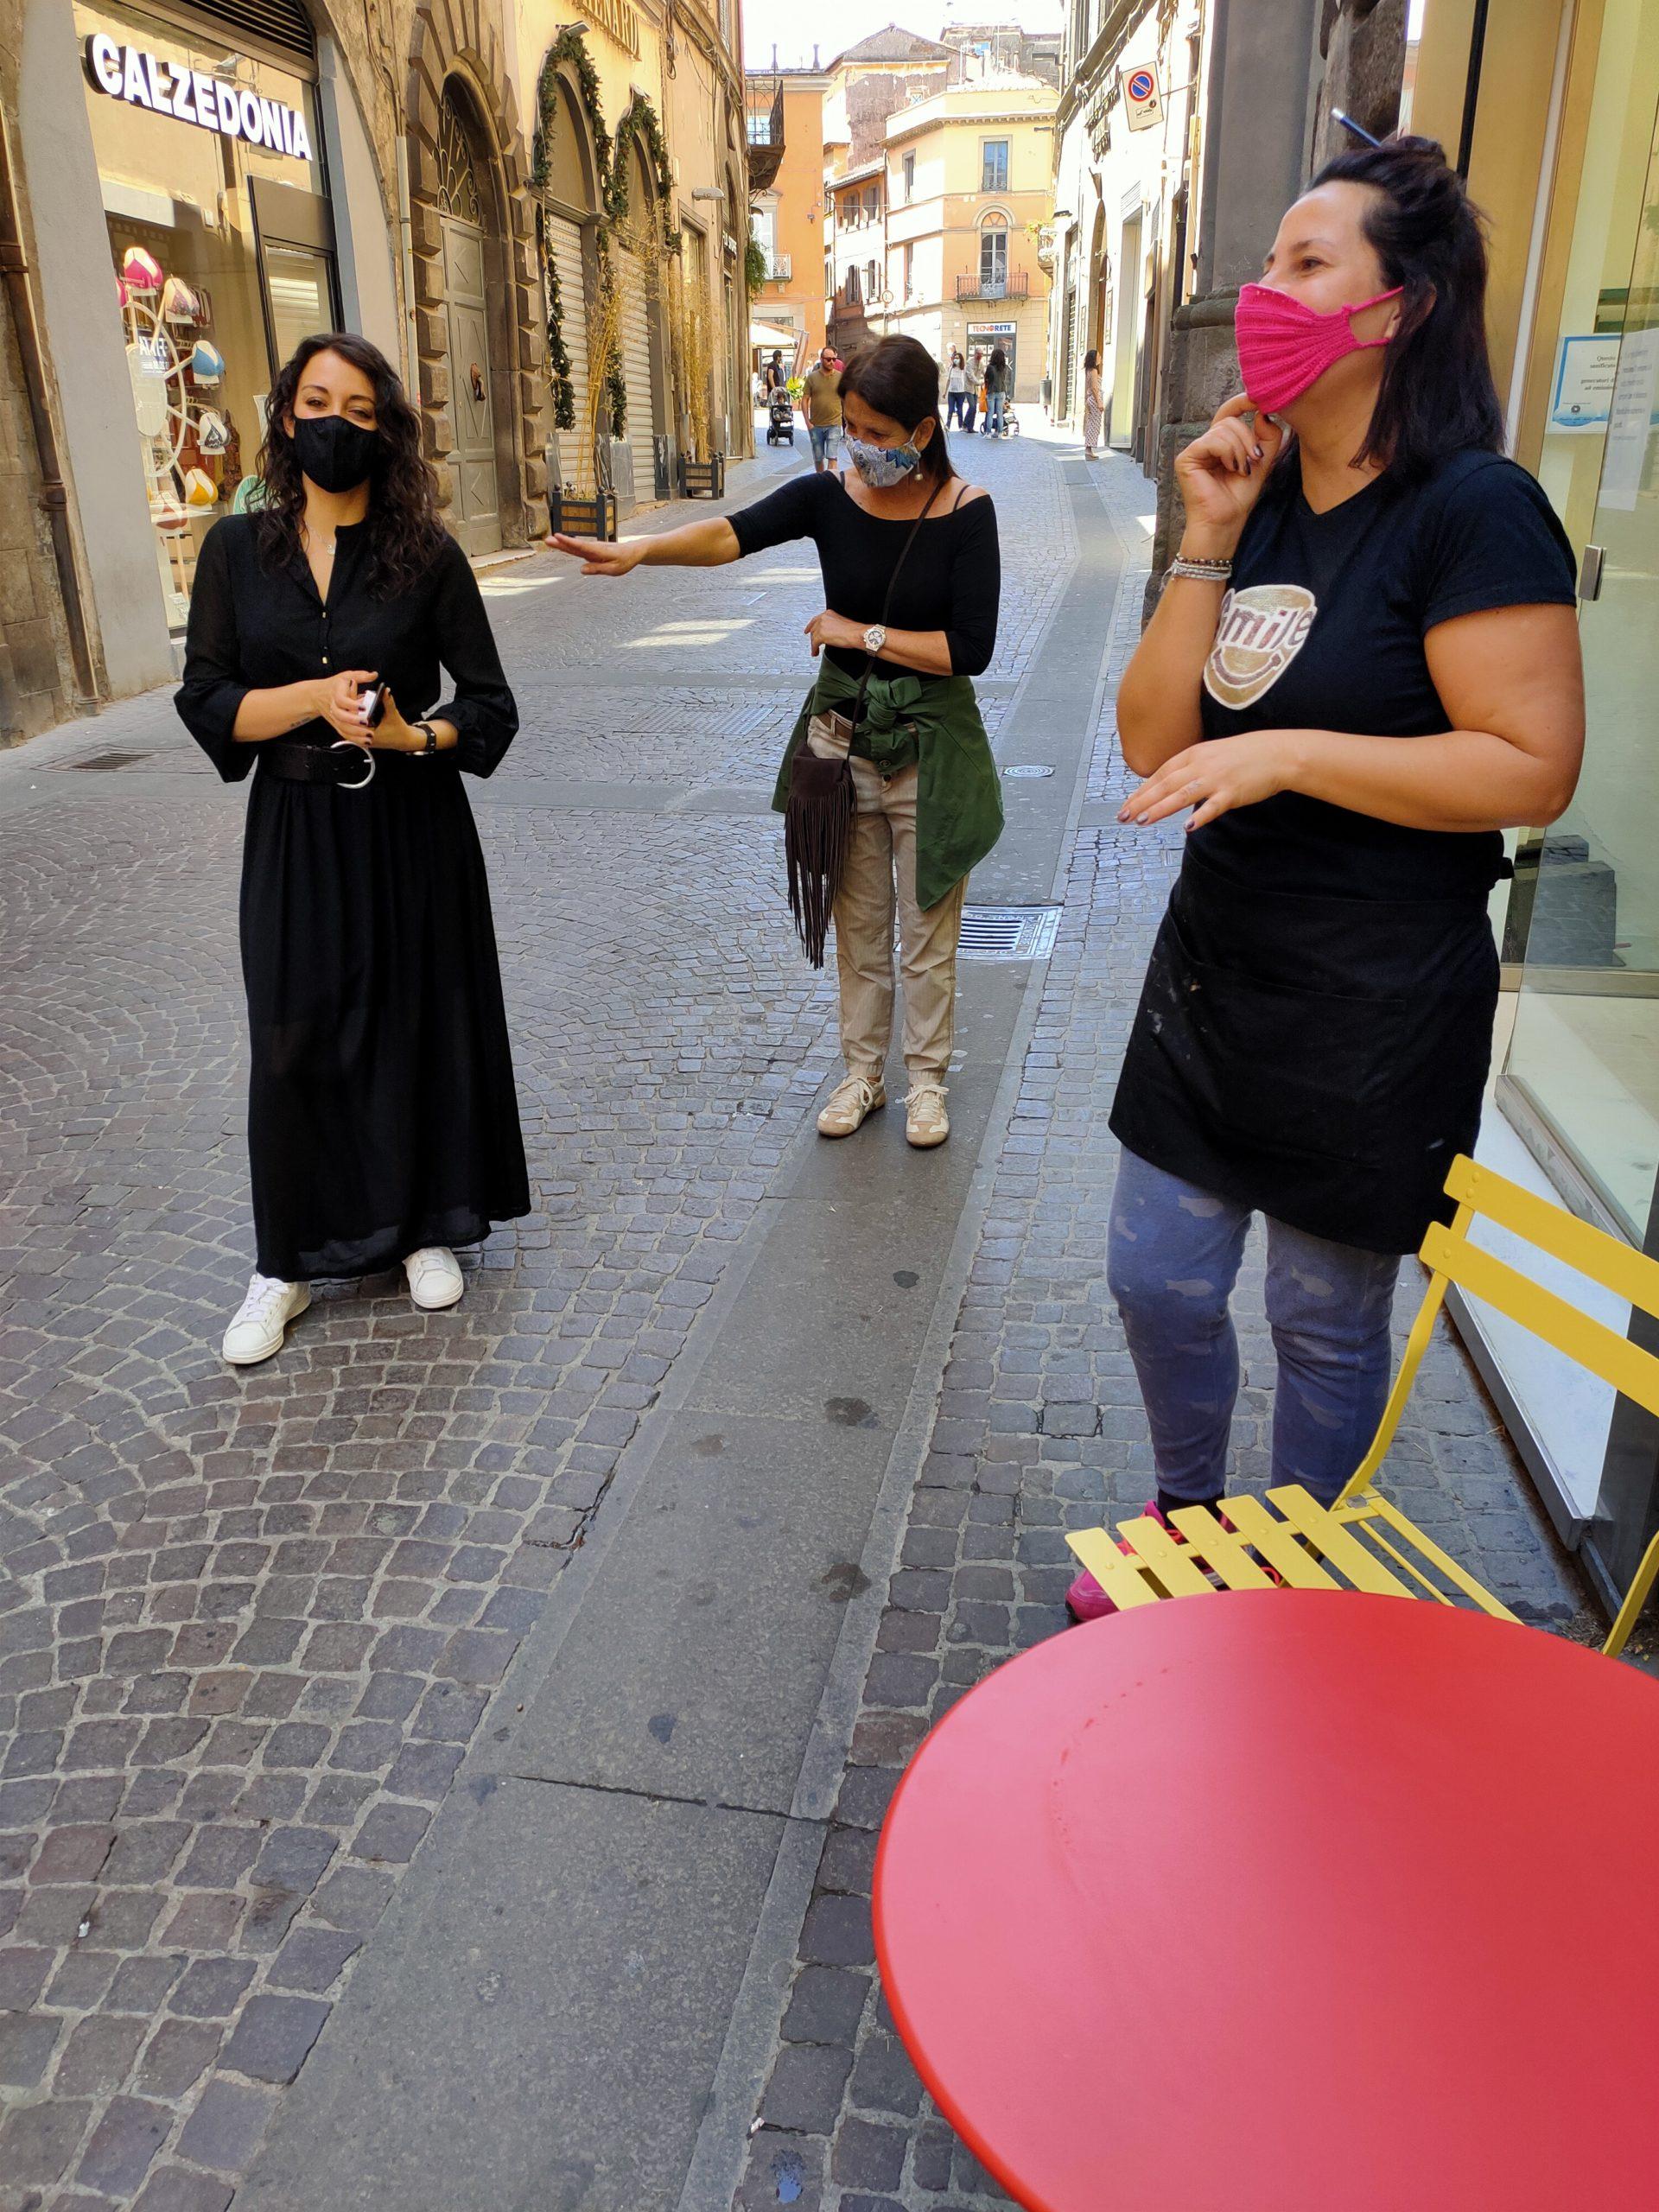 """Viterbo, 2 giugno la città aperta, """"Combattiamo la crisi con molto lavoro, positività ed un grande amore per la nostra città"""", la battaglia """"sorridente"""" di Costanza, Isabella e Monia, commercianti del Corso Italia"""